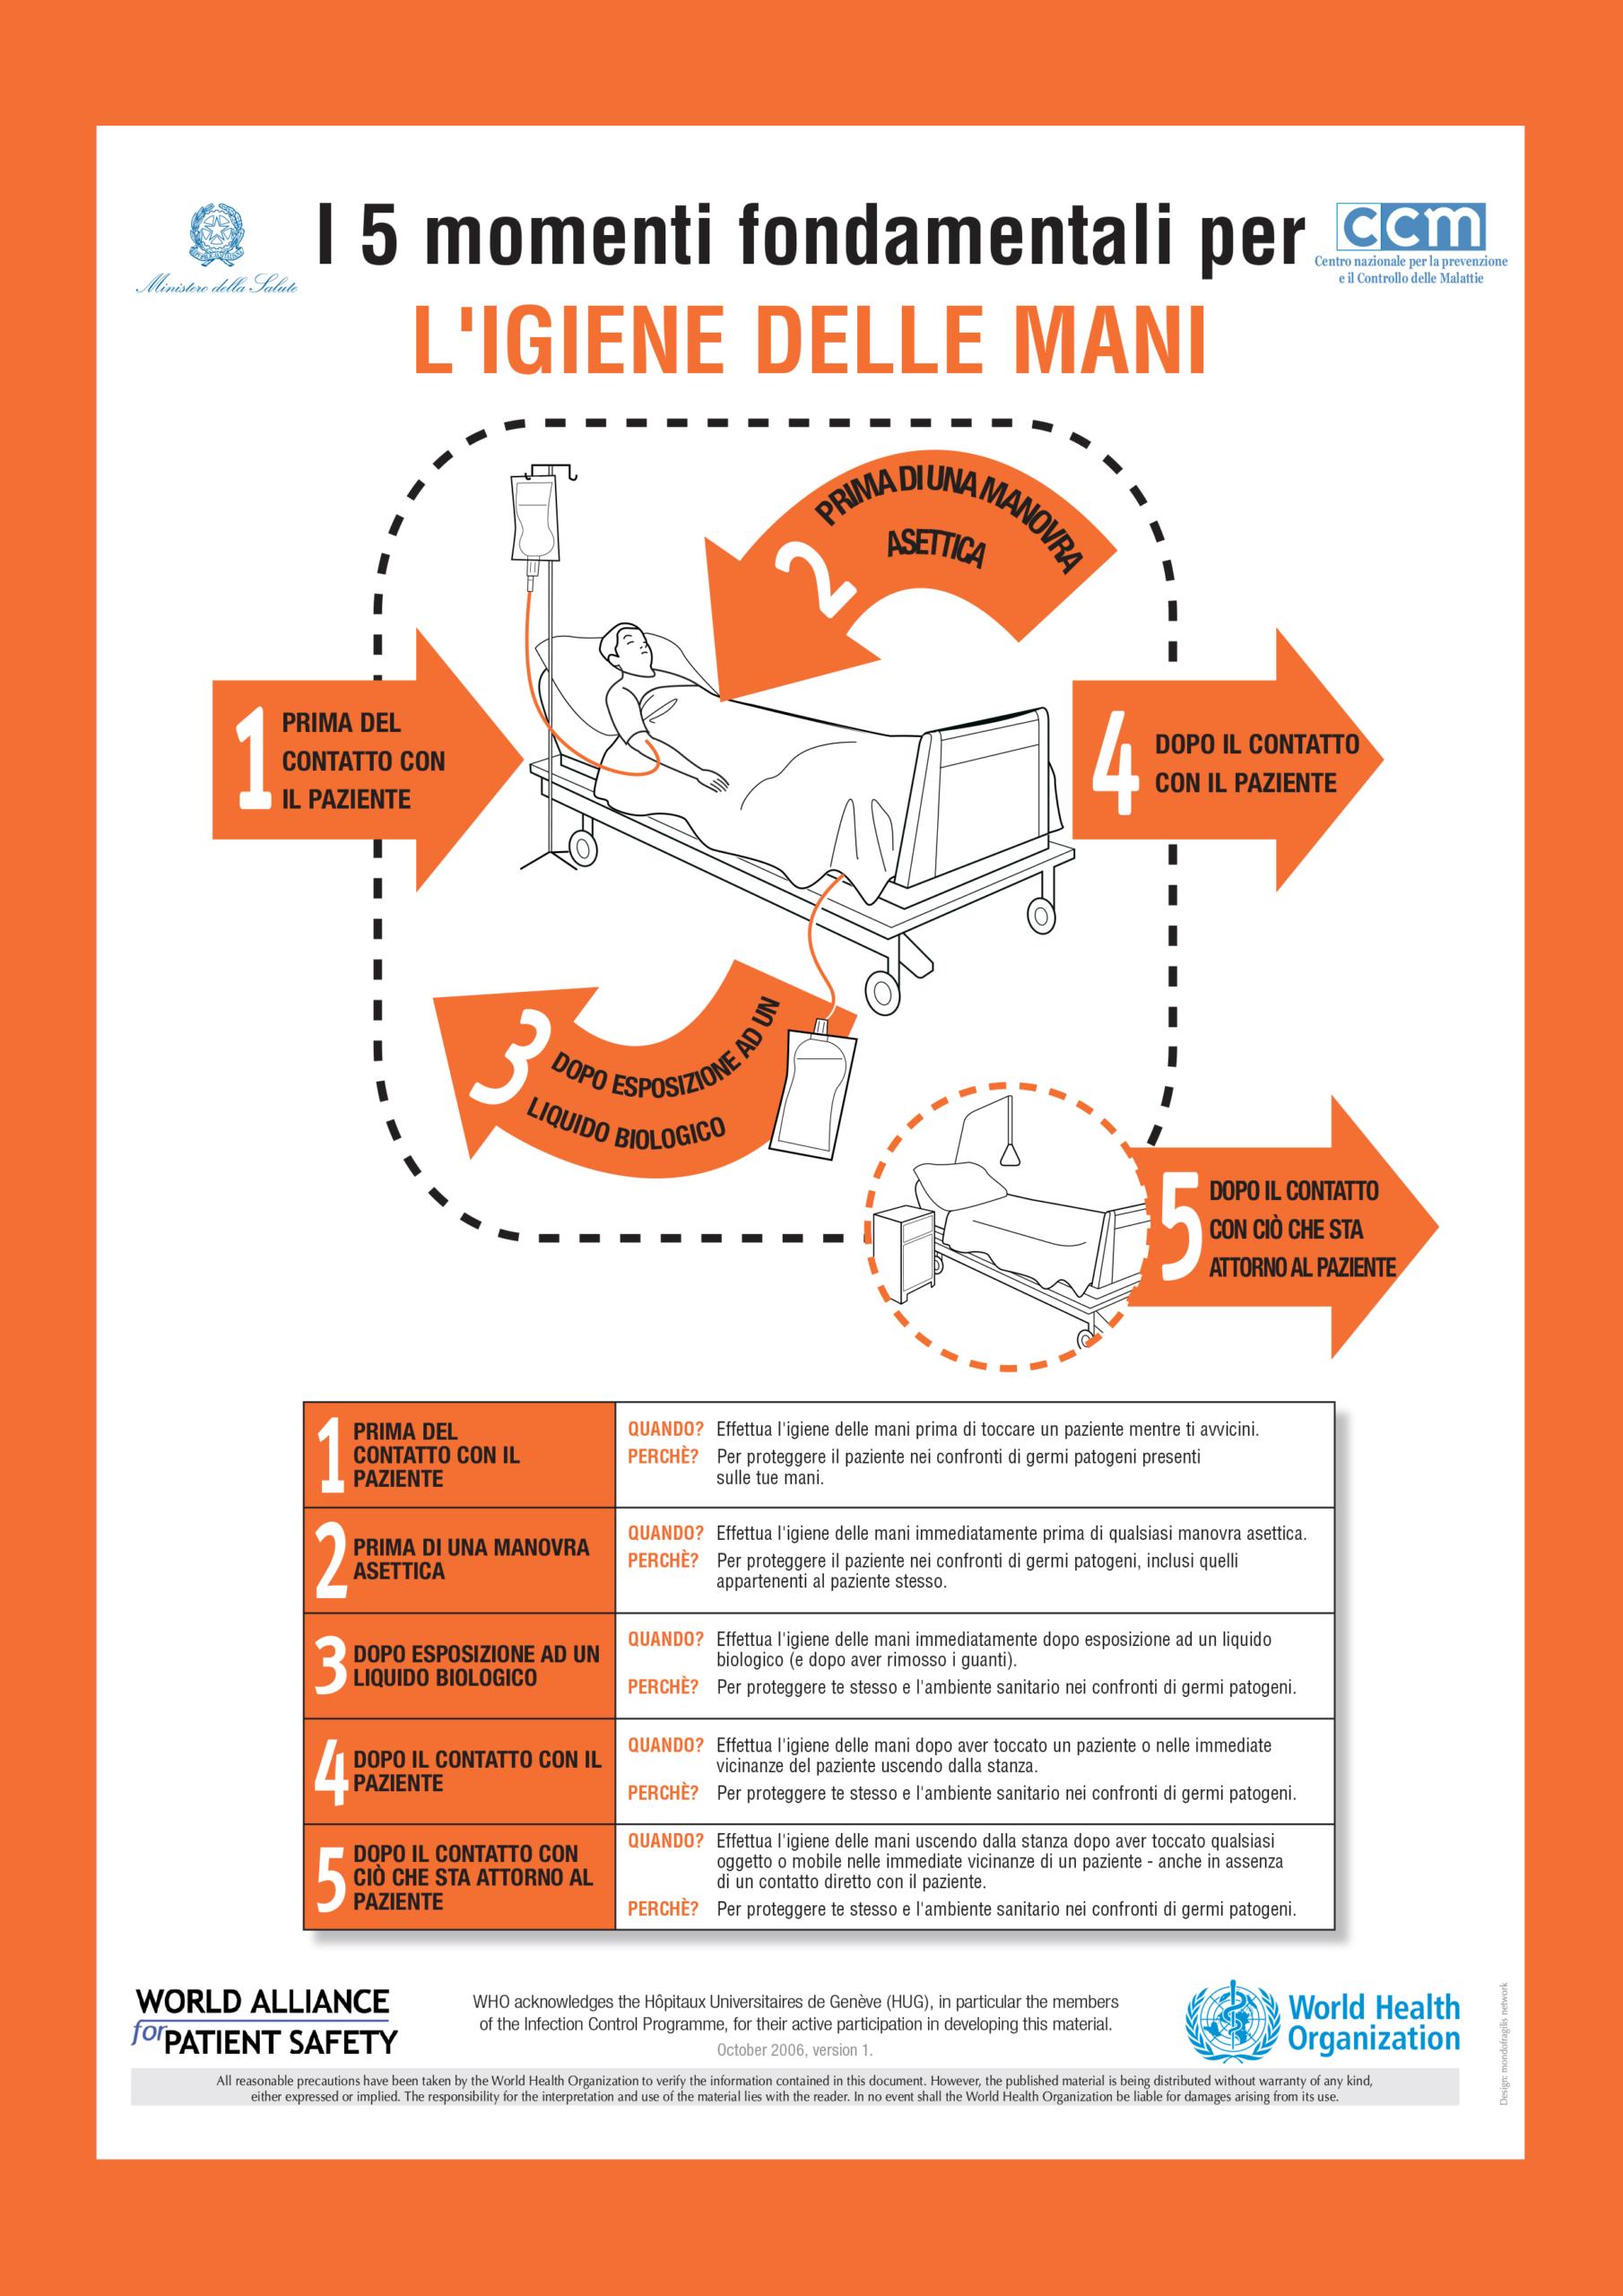 La locandina della Giornata Mondiale dell'Igiene delle Mani